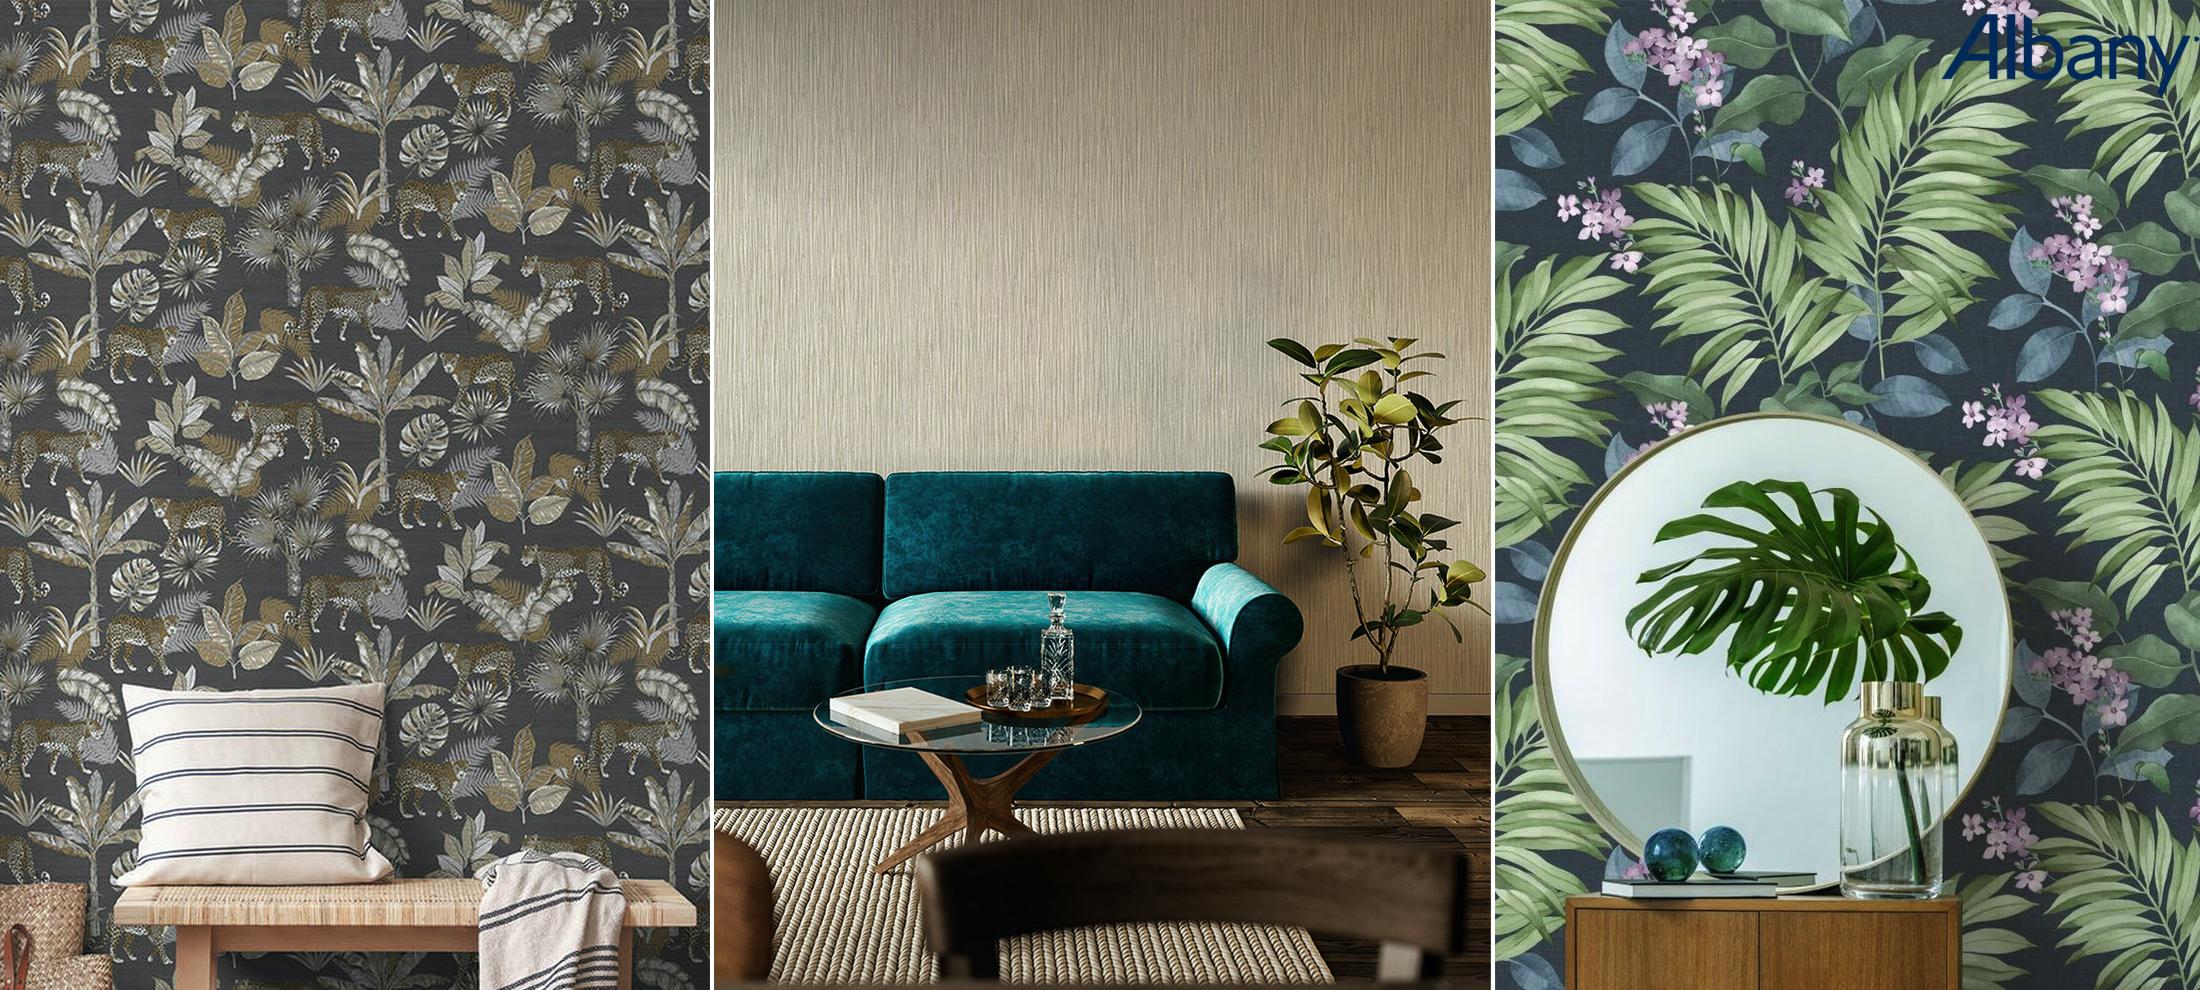 Albany Products Natty Polly Wallpaper Australia